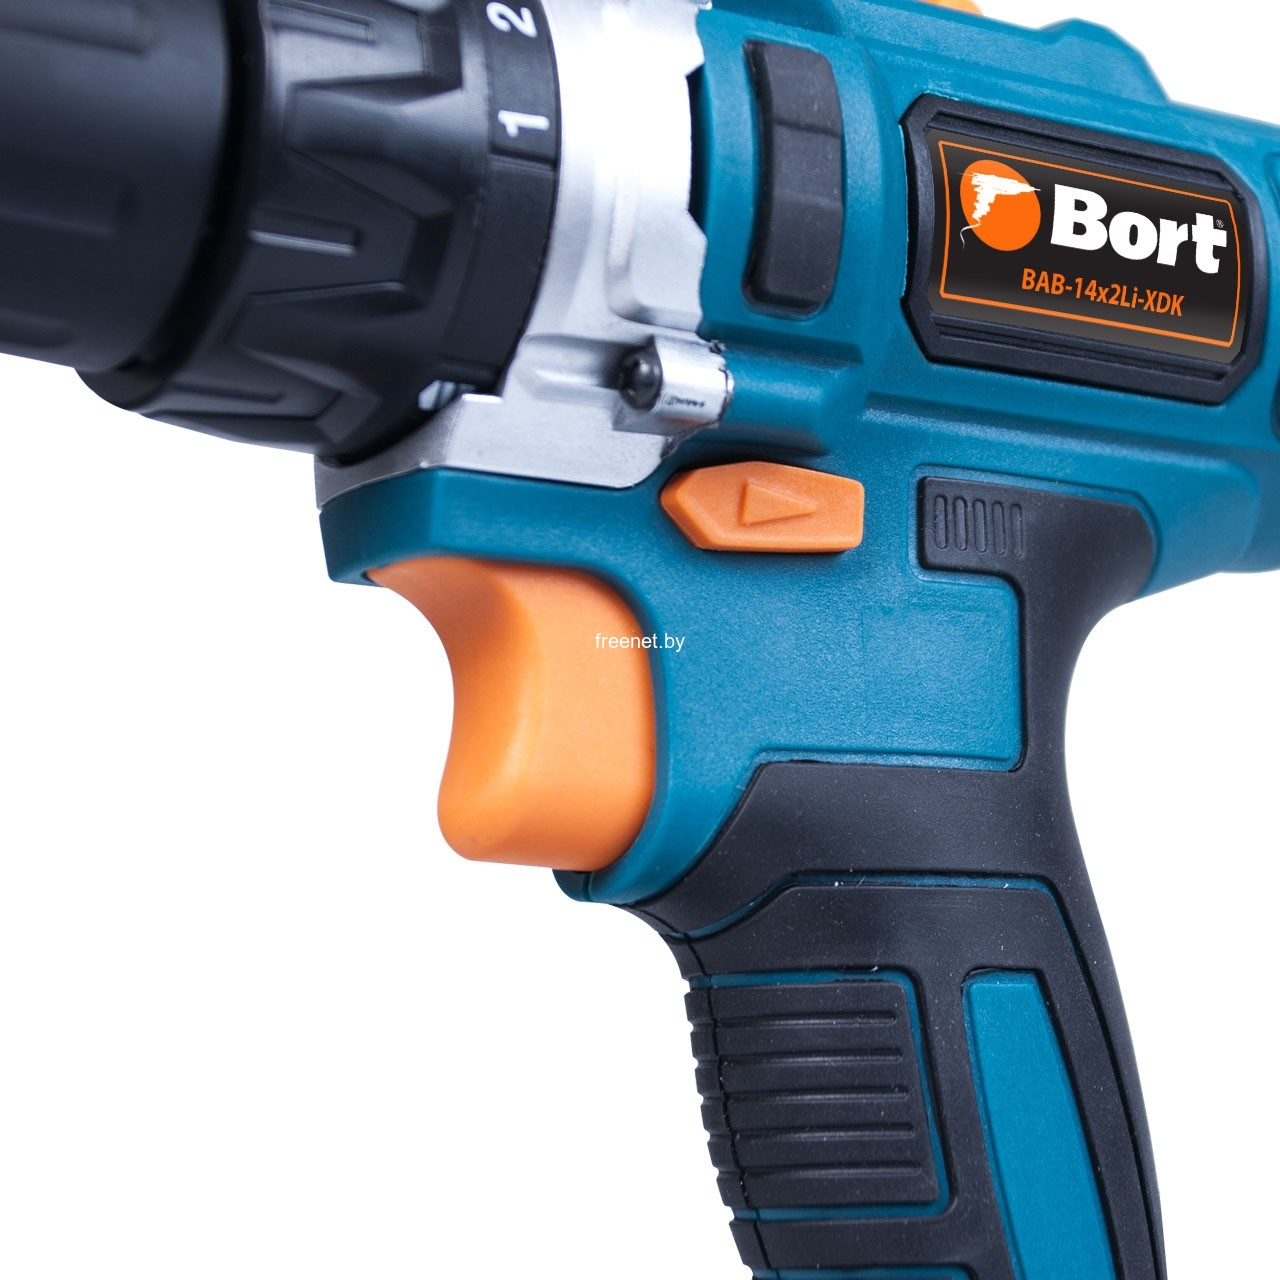 Bort BAB-14x2Li-XDK купить в Минске с доставкой — FREENET.BY